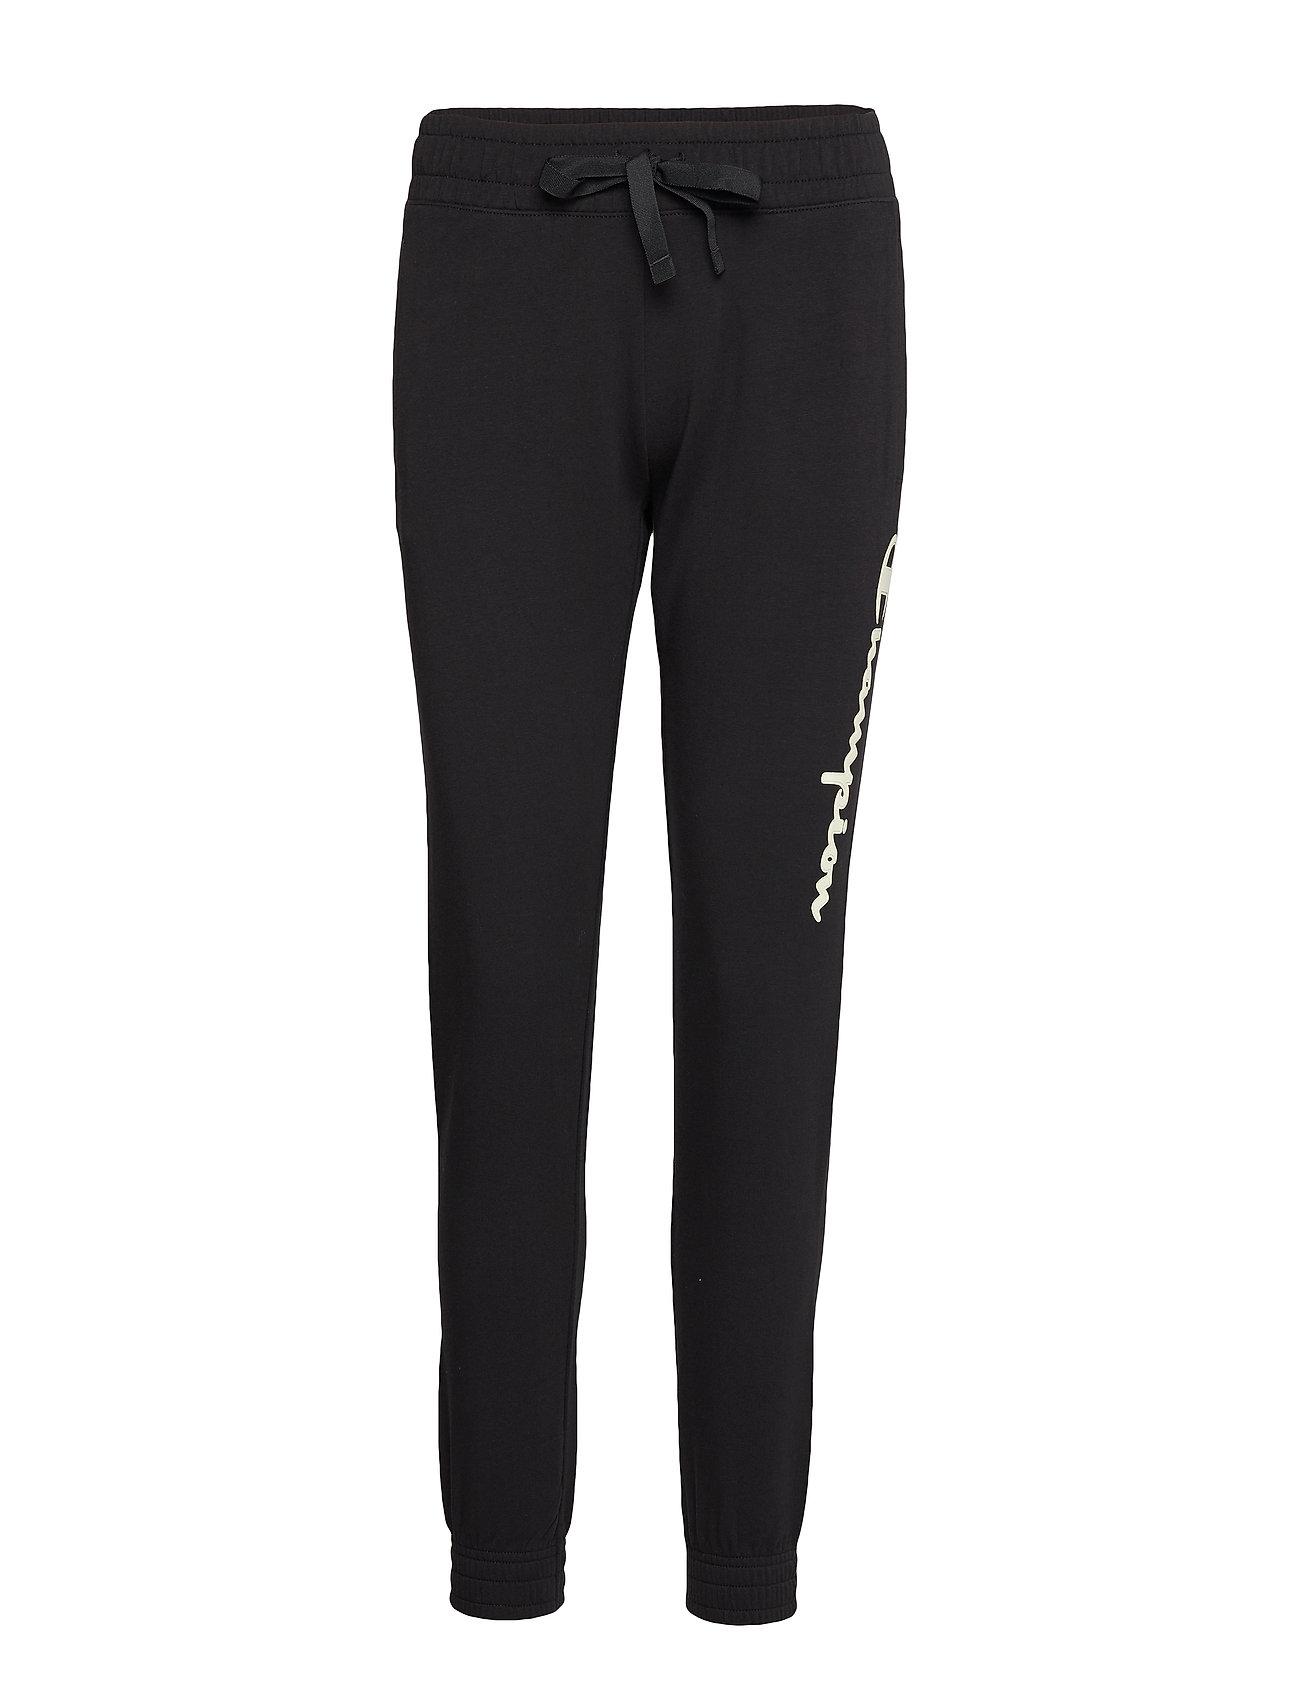 Champion Elastic Cuff Pants - BLACK BEAUTY